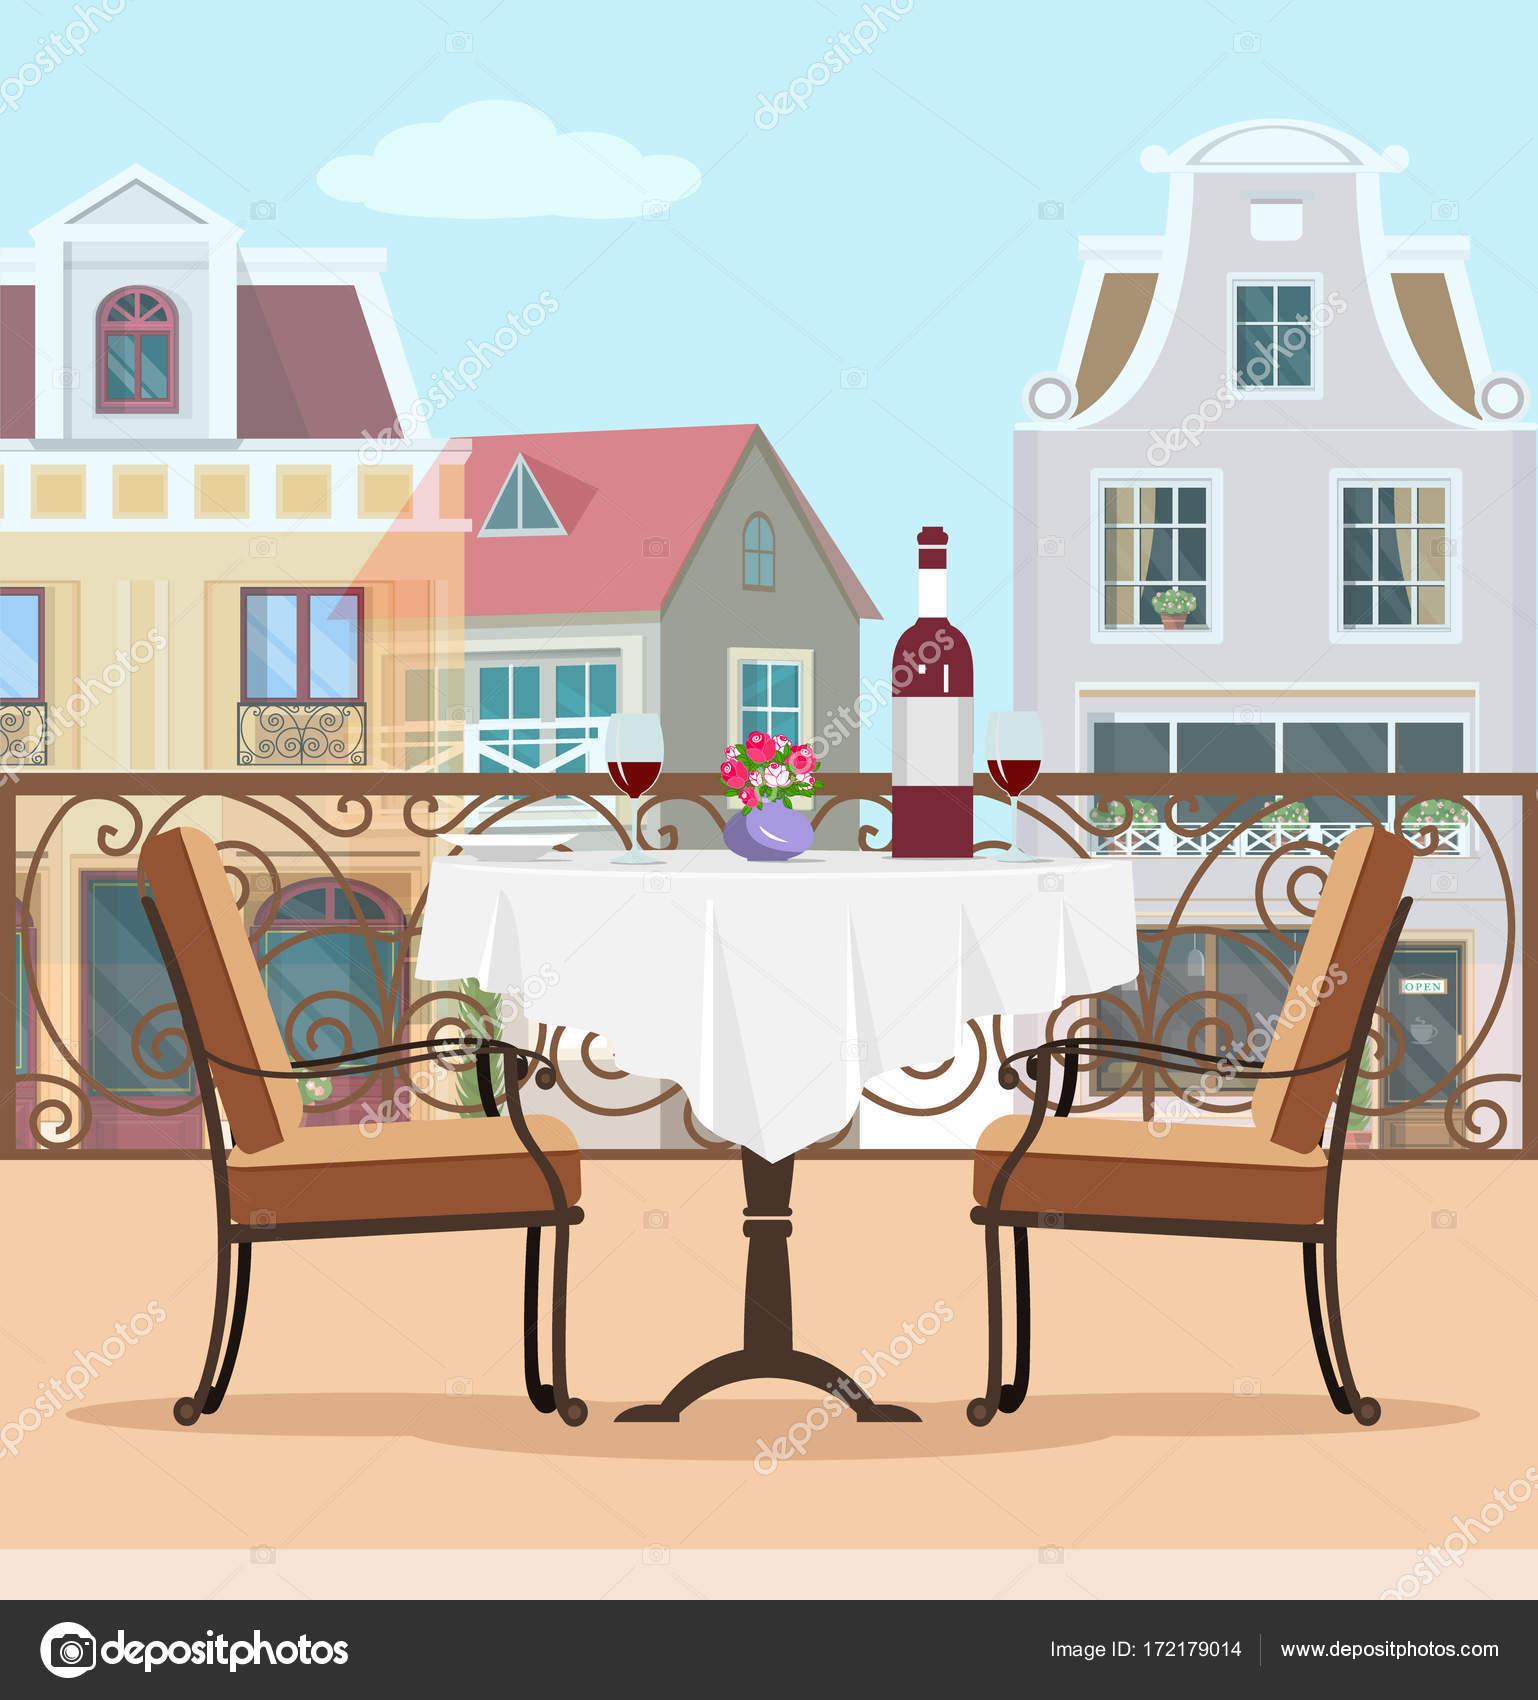 Tavoli E Sedie Stile Vintage.Balcone Di Vettore Di Stile Vintage Con Tavolo E Sedie Colorato